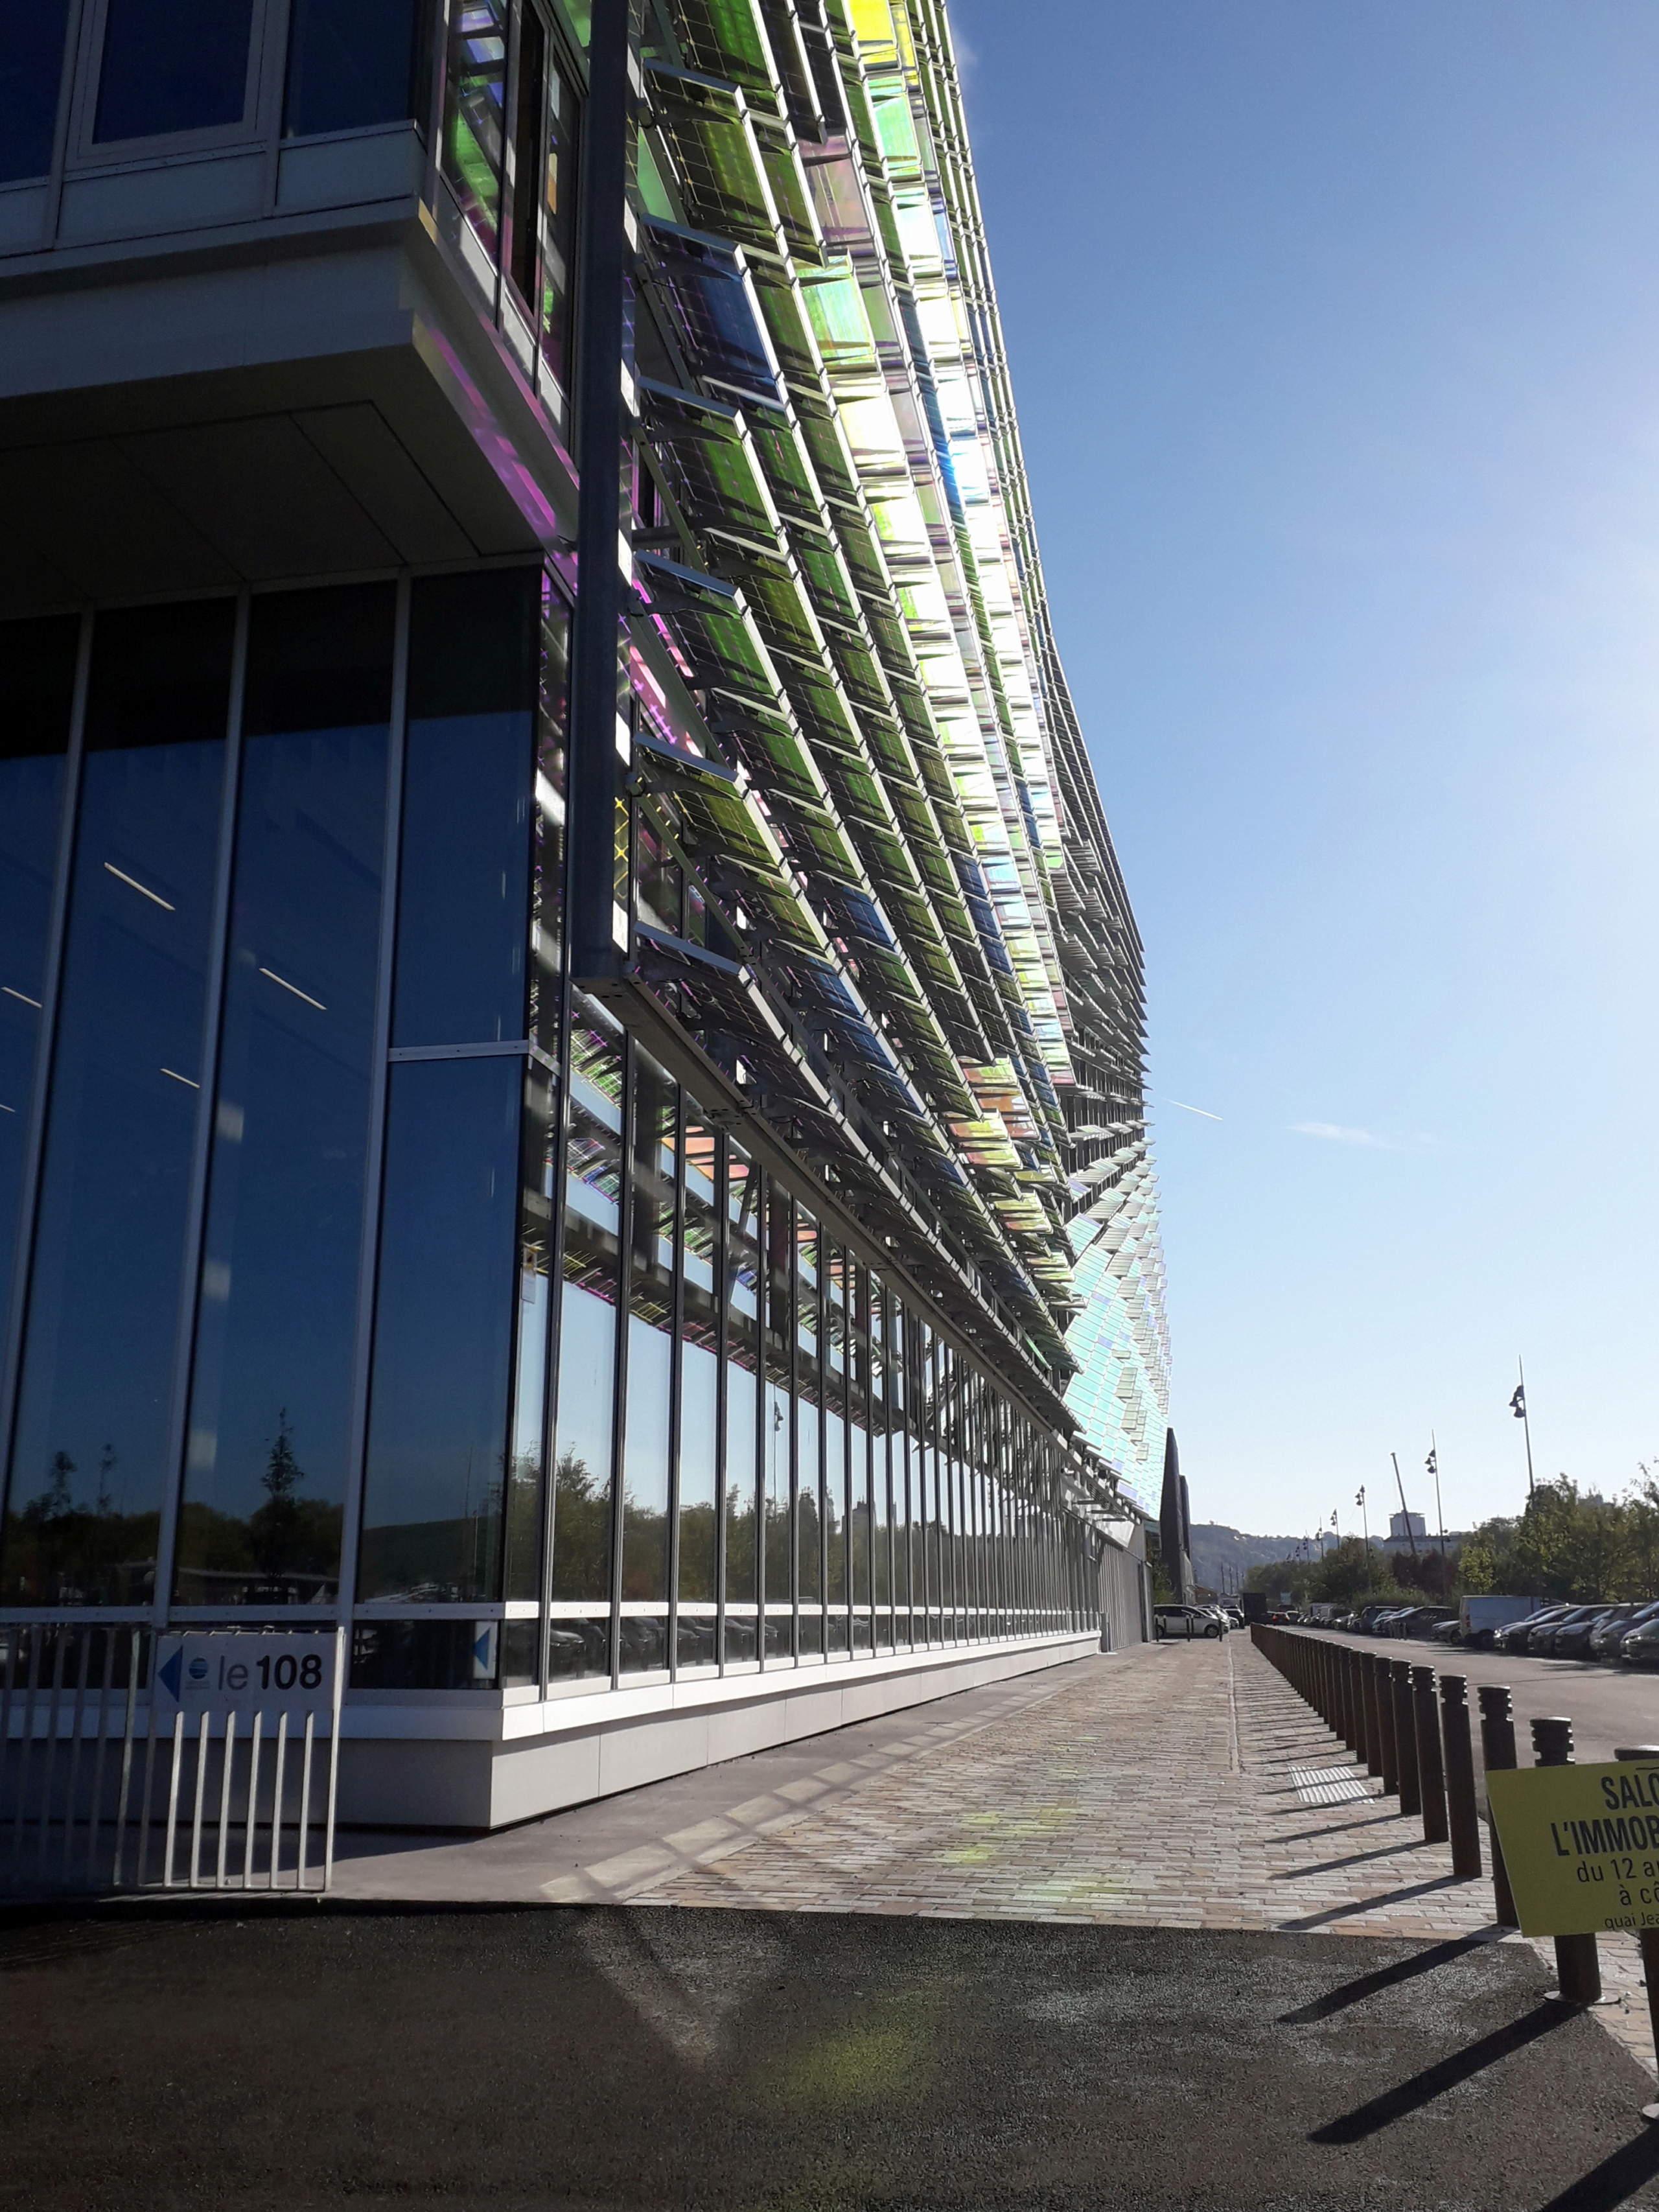 [Bientôt visible sur Google Earth] L'immeuble Metropole Rouen-Normandie - Rouen - Seine Maritime - France 20181012